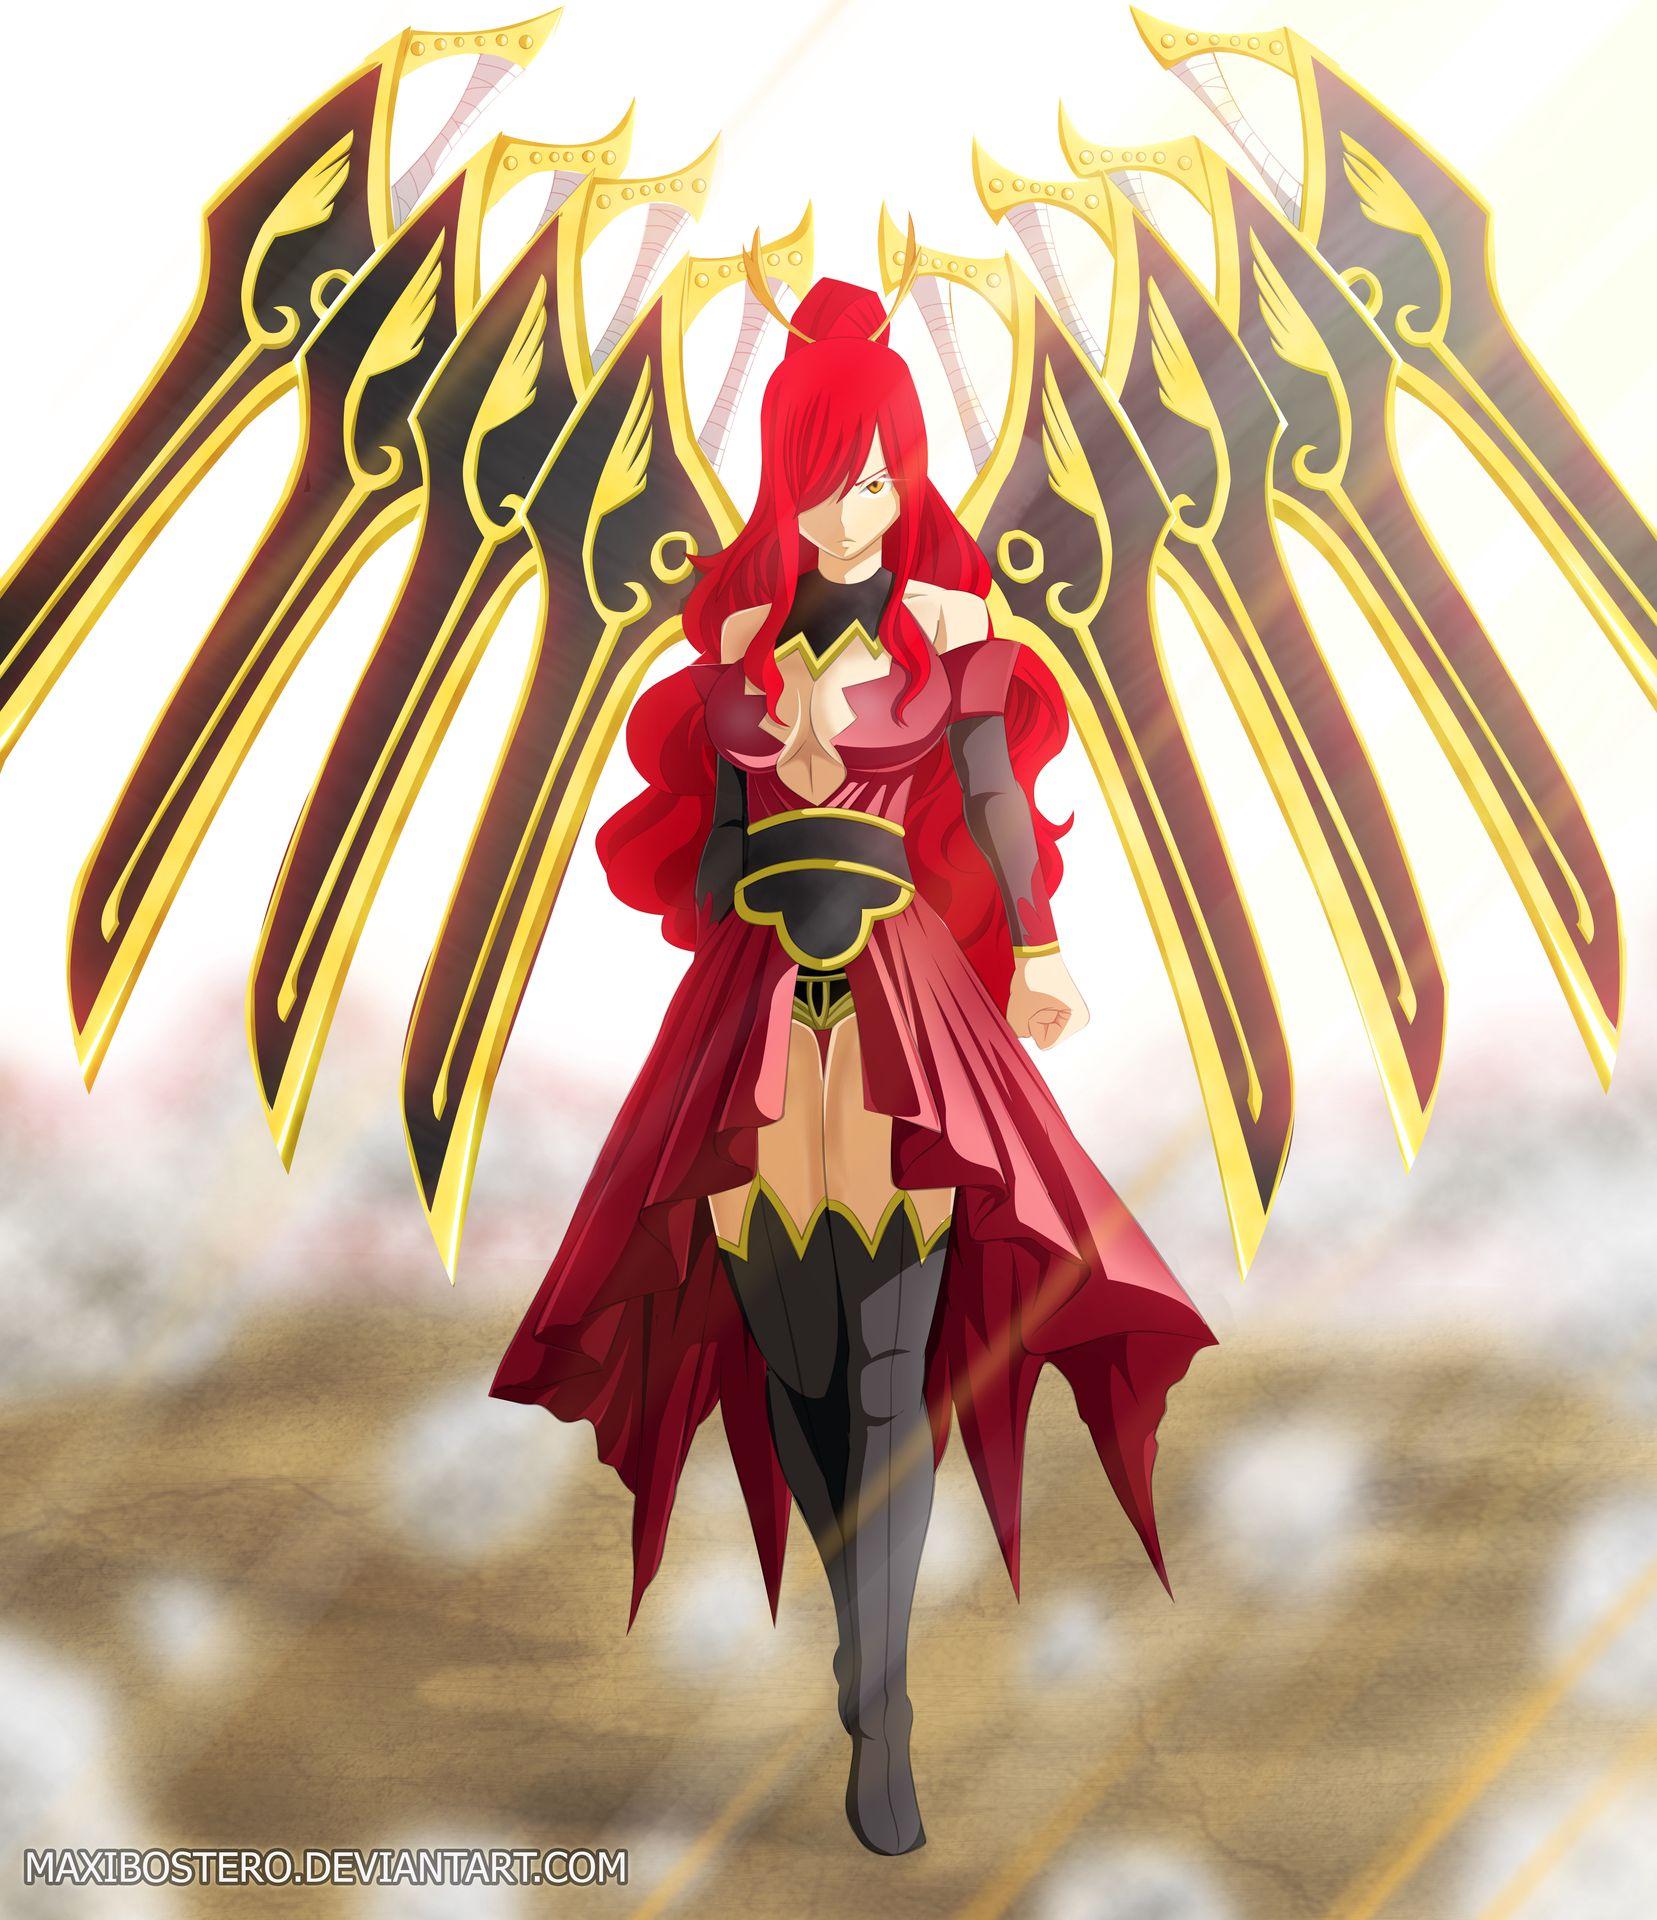 Đọc Truyện Những thông tin, câu nói, hình anime trong Fairy Tail và Ansatsu Kyoshitsu - Giới thiệu nhân vật trong Fairy Tai (Nữ) - Kai Sayari - Wattpad - ...